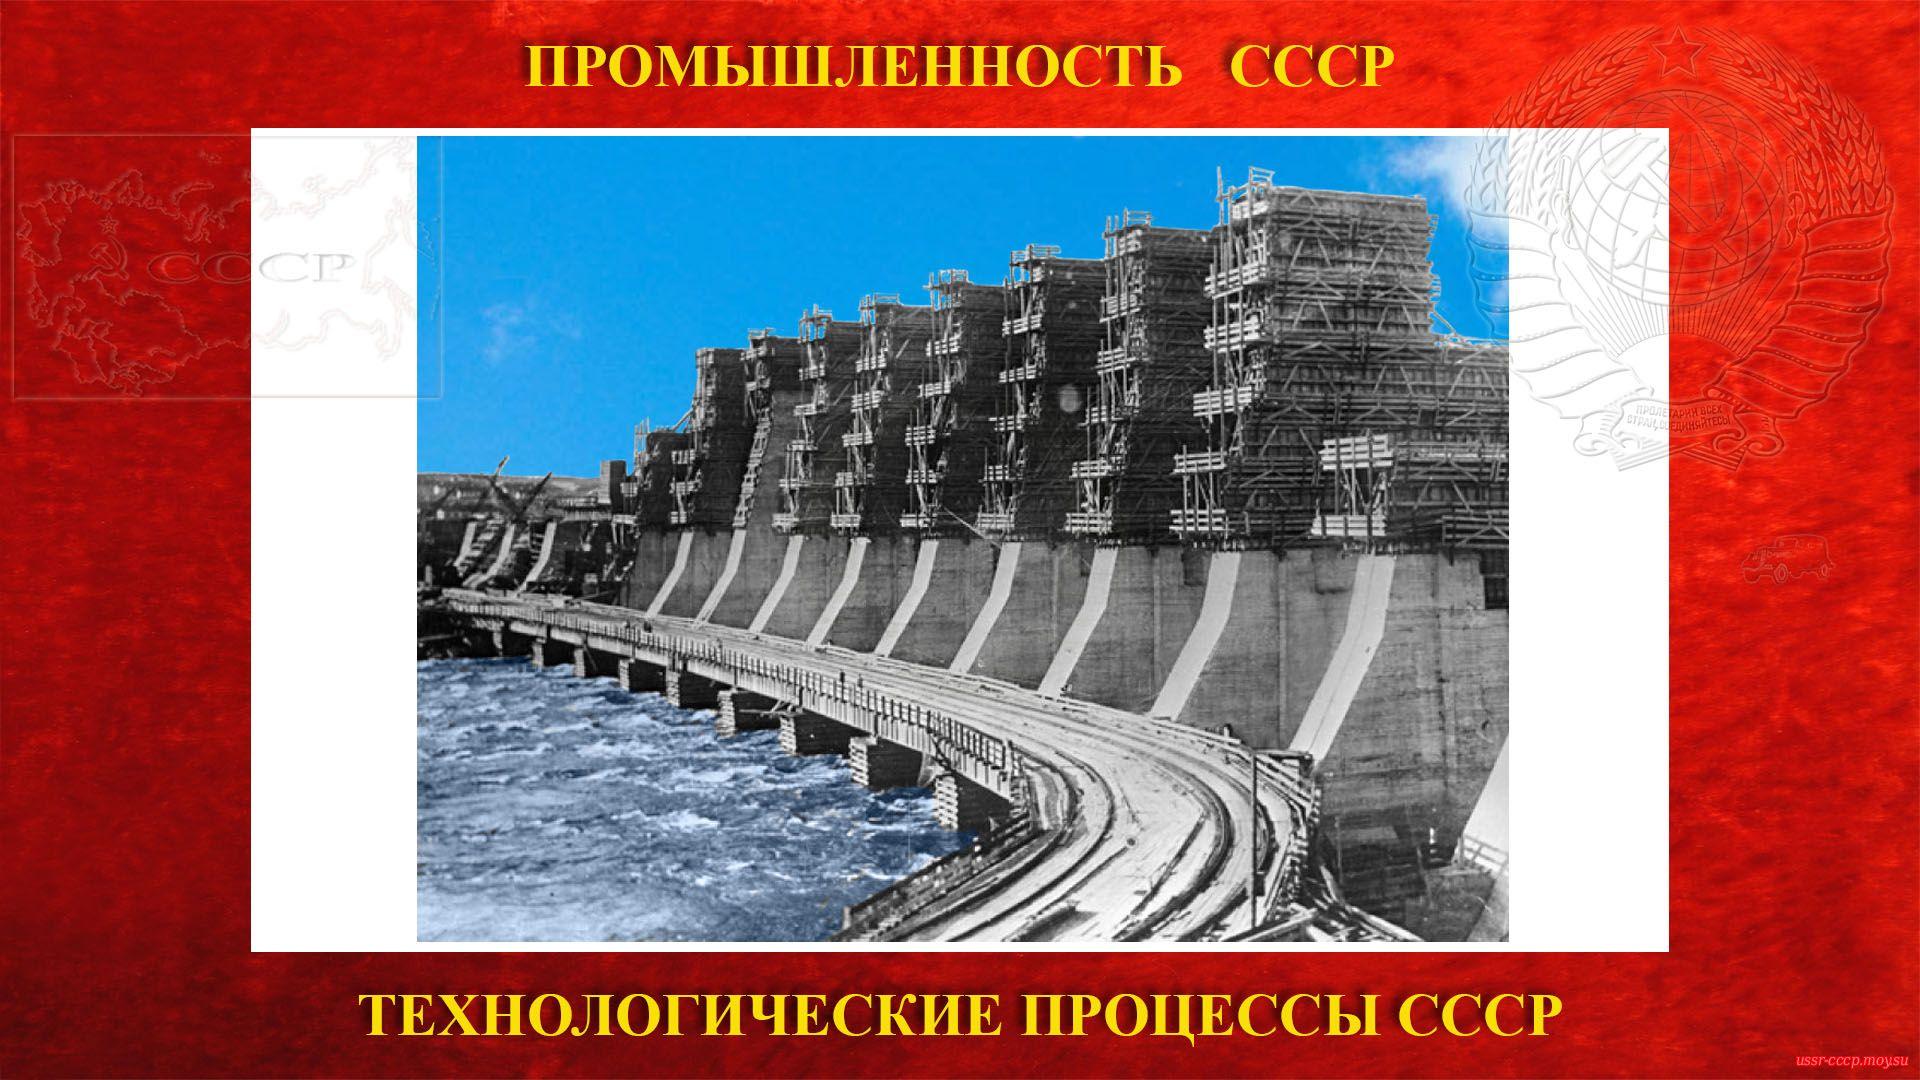 Железобетонные конструкции с жесткой арматурой в СССР